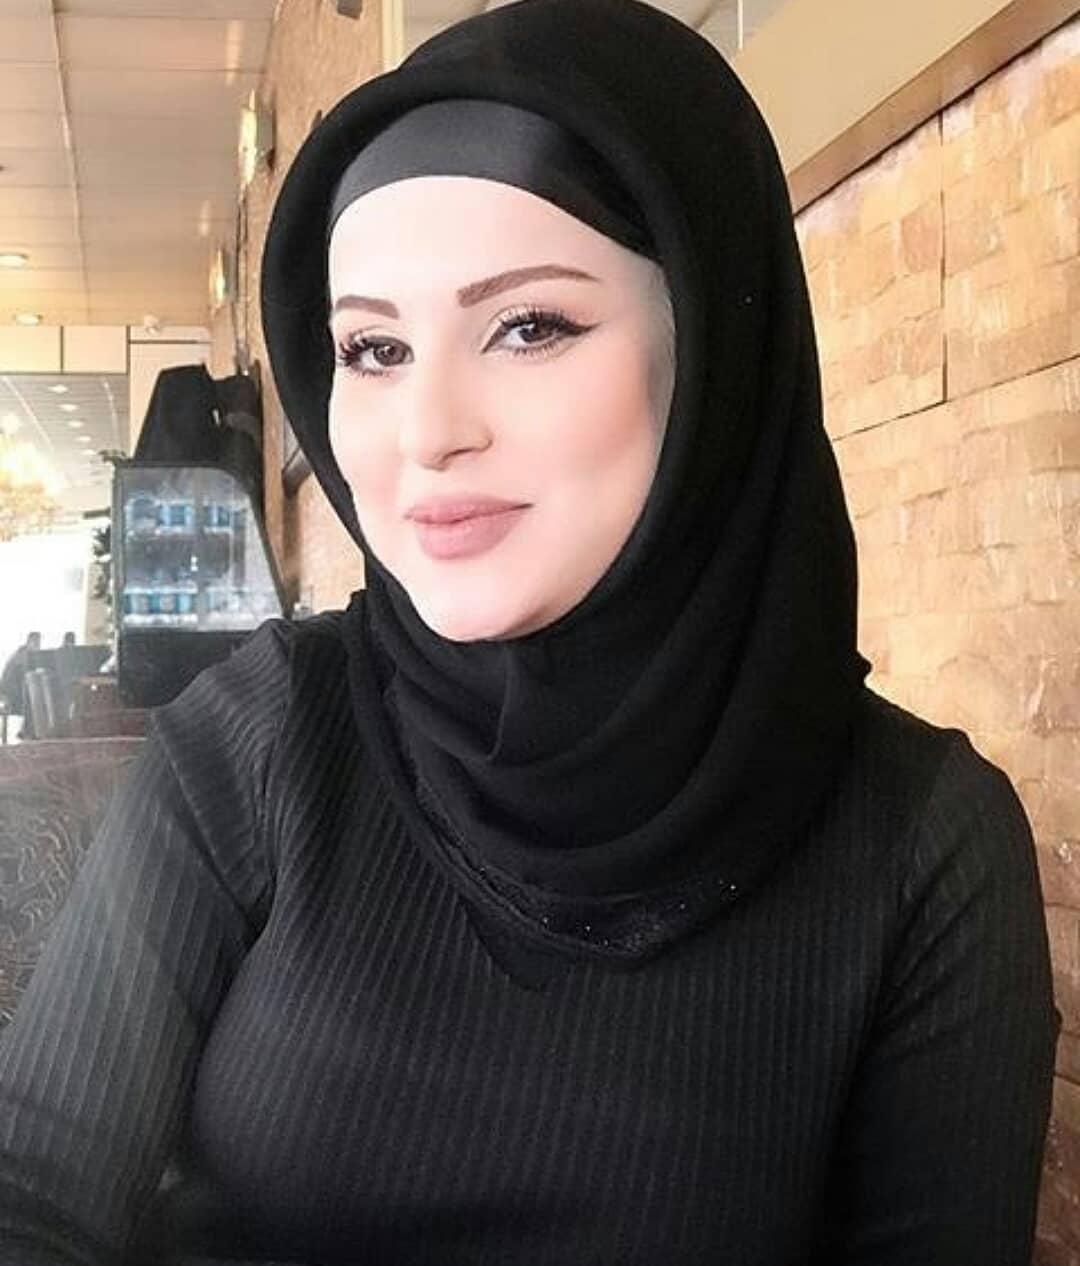 بالصور صور نساء محجبات , نساء يرتدين الحجاب الشرعي 6515 8